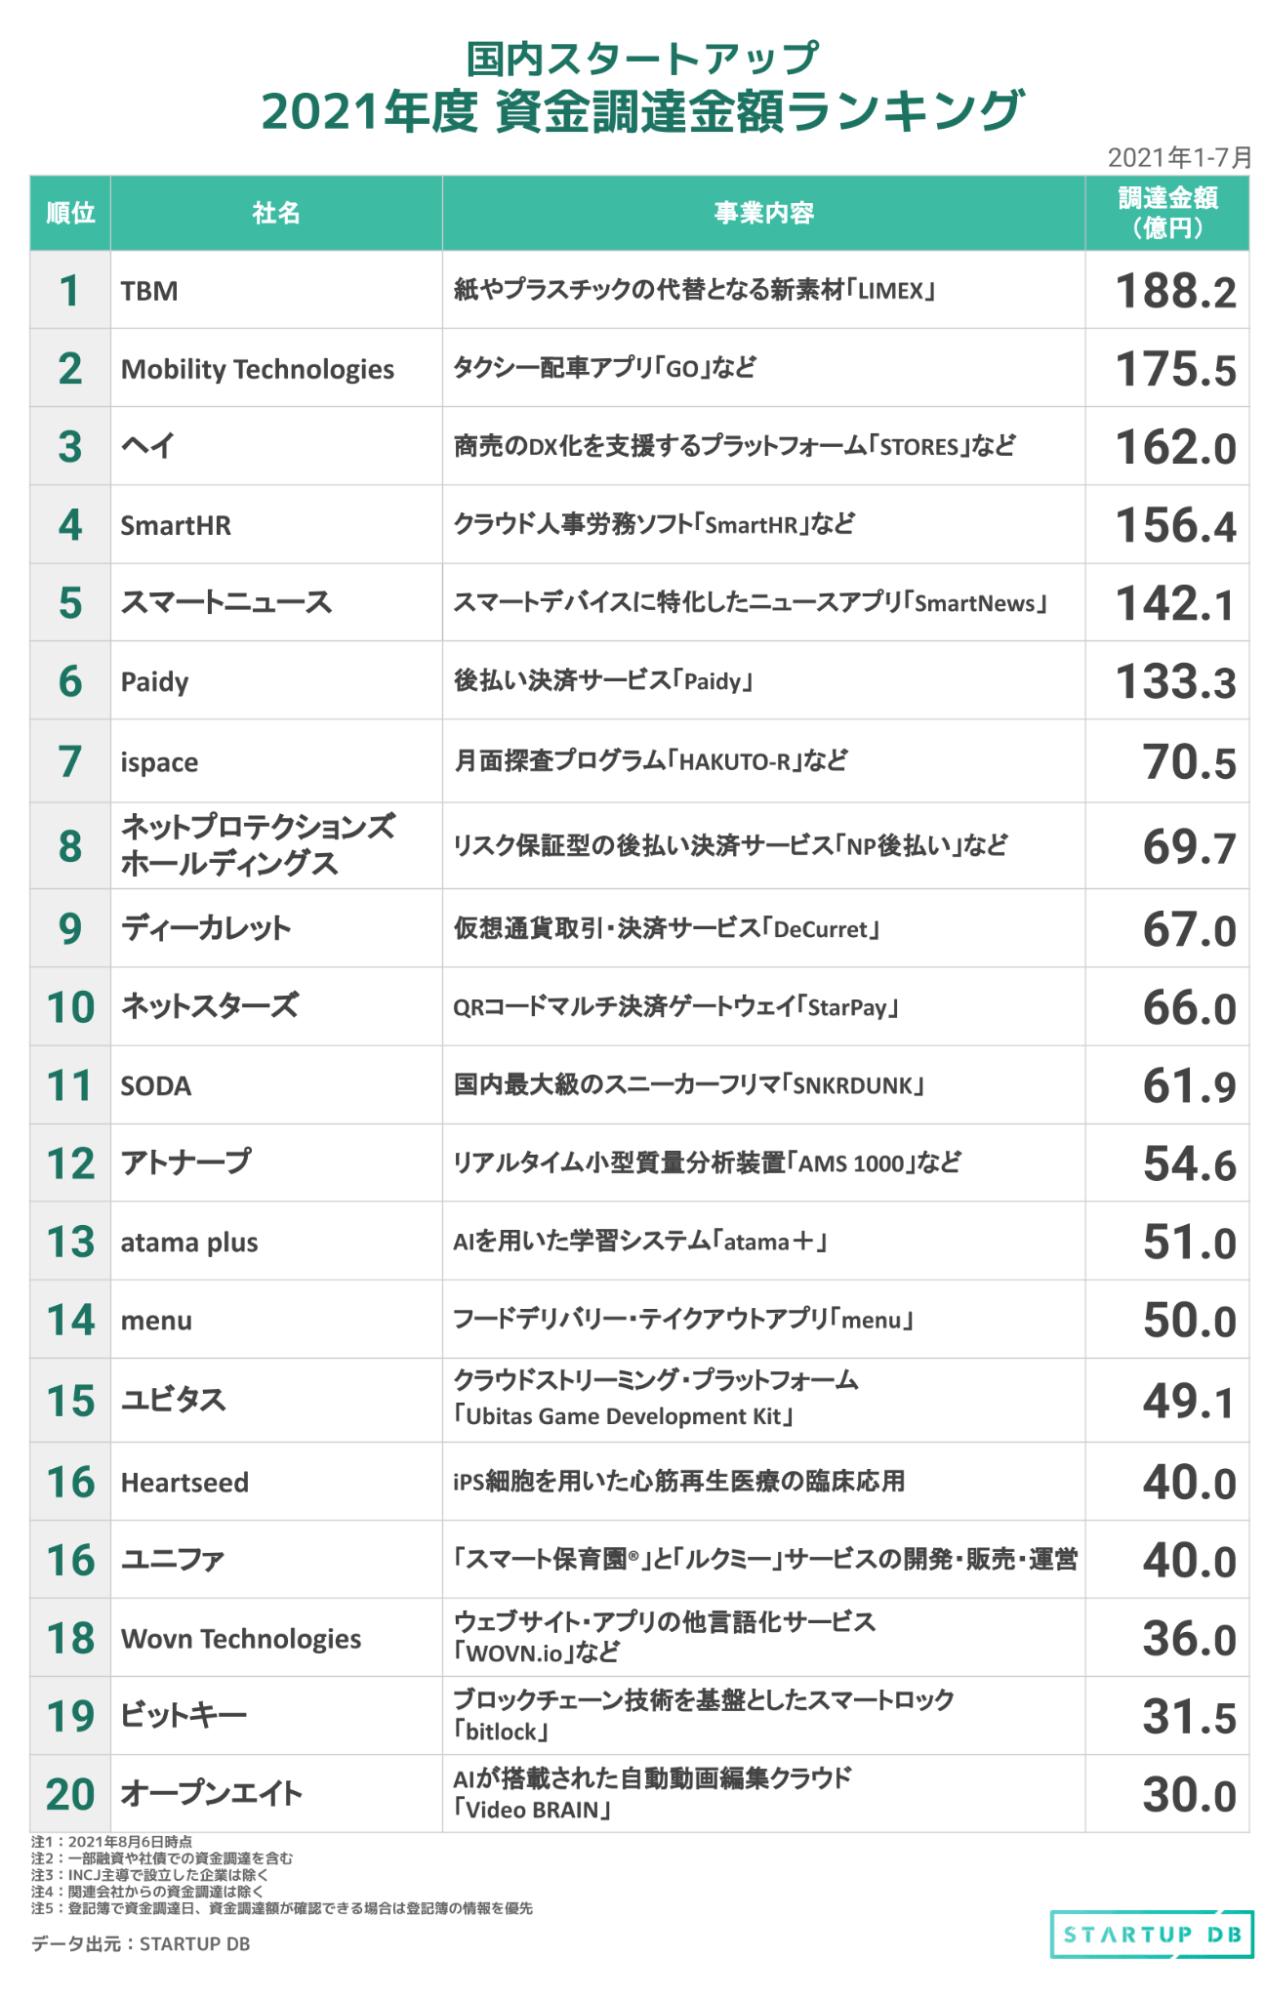 2021年上半期資金調達ランキングでは、合計調達額100億以上の企業はTBM、Mobility Technologies、ヘイ、SmartHR、スマートニュース、Paidyの6社となった。 2020年上半期では、期間内における合計調達金額が100億円を突破した企業はVPP Japanの1社のみであったことから、2021年上半期はスタートアップによる大型調達が目立ったといえる。 また、期間内における合計調達金額のトップは、2020年上半期は上述のVPP Japanの100億円であるのに対し、2021年上半期ではTBMの188億2,000万円となっている。 TBMは、2021年7月にSK Japan Investmentとの135億円の資金調達を伴う資本提携に合意したことを発表。累計調達金額は327億8,300万円に達した。2021年3月には、南都銀行をアレンジャーとした全10行によるシンジケートローンと、商工組合中央金庫と日本政策金融公庫からの資本性ローンによる協調融資も行っている。その総額は36億2,000万円にのぼる。